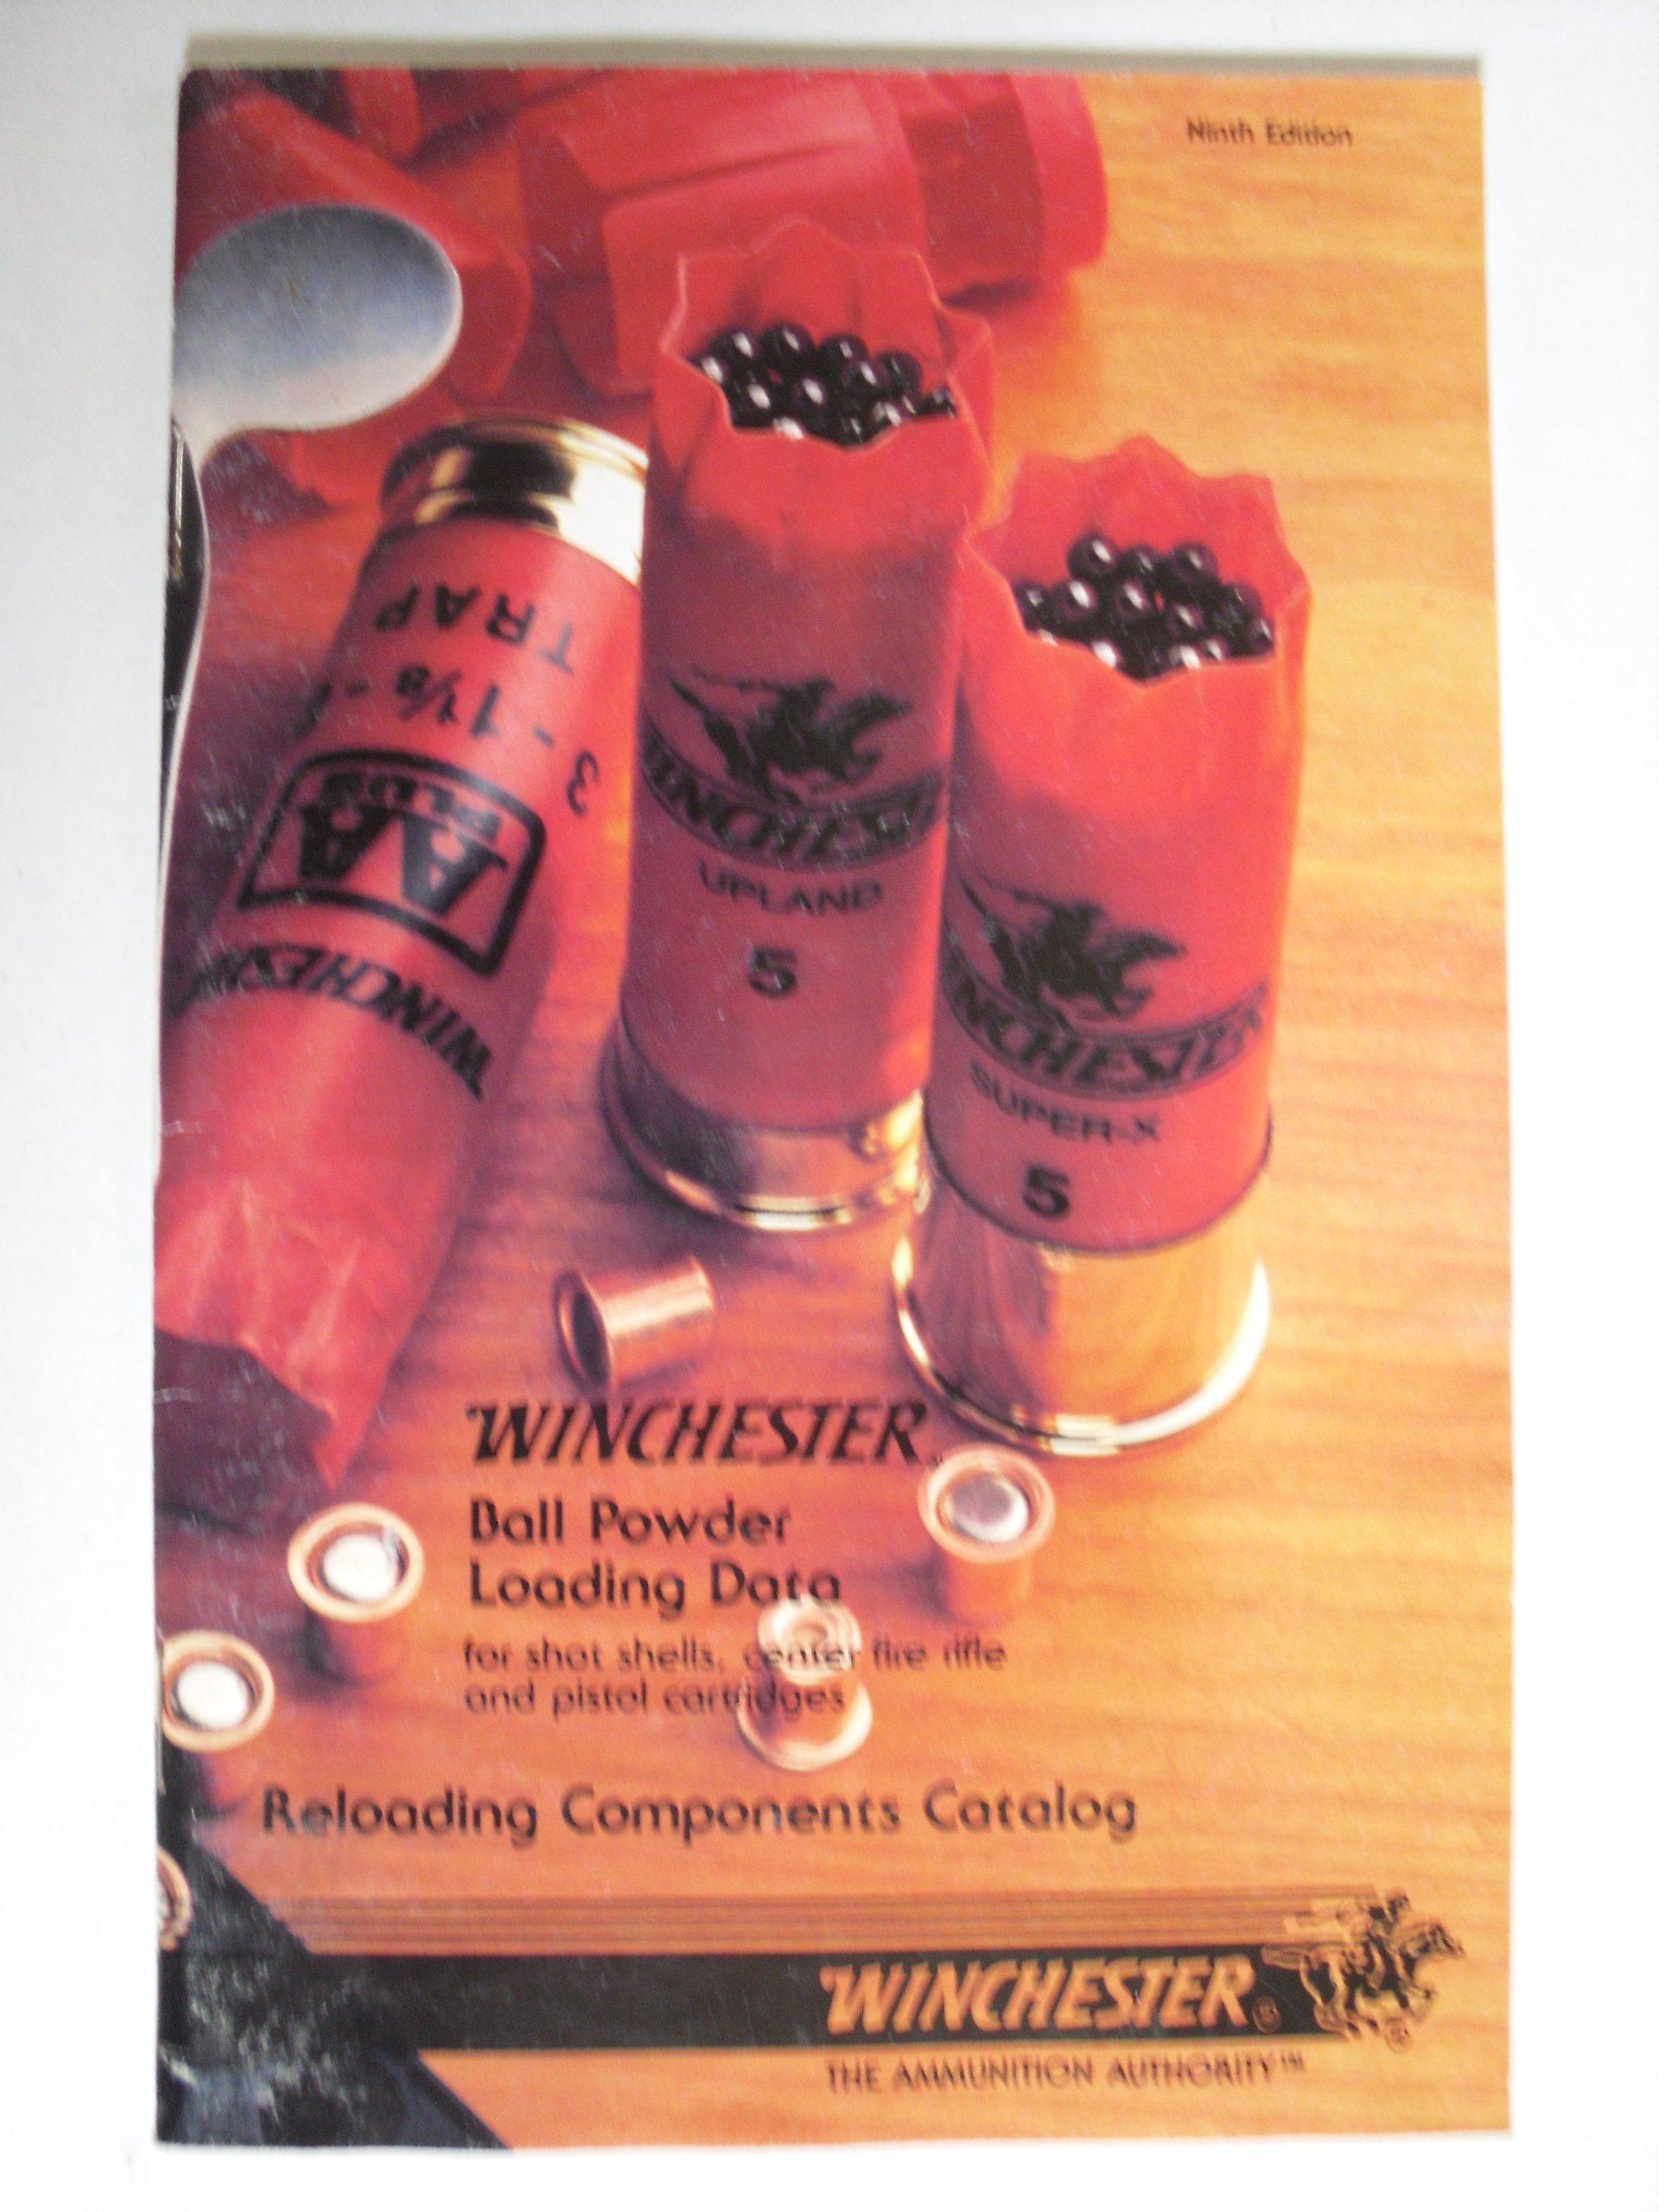 Winchester Ball Powder Loading Data for shot shells, center